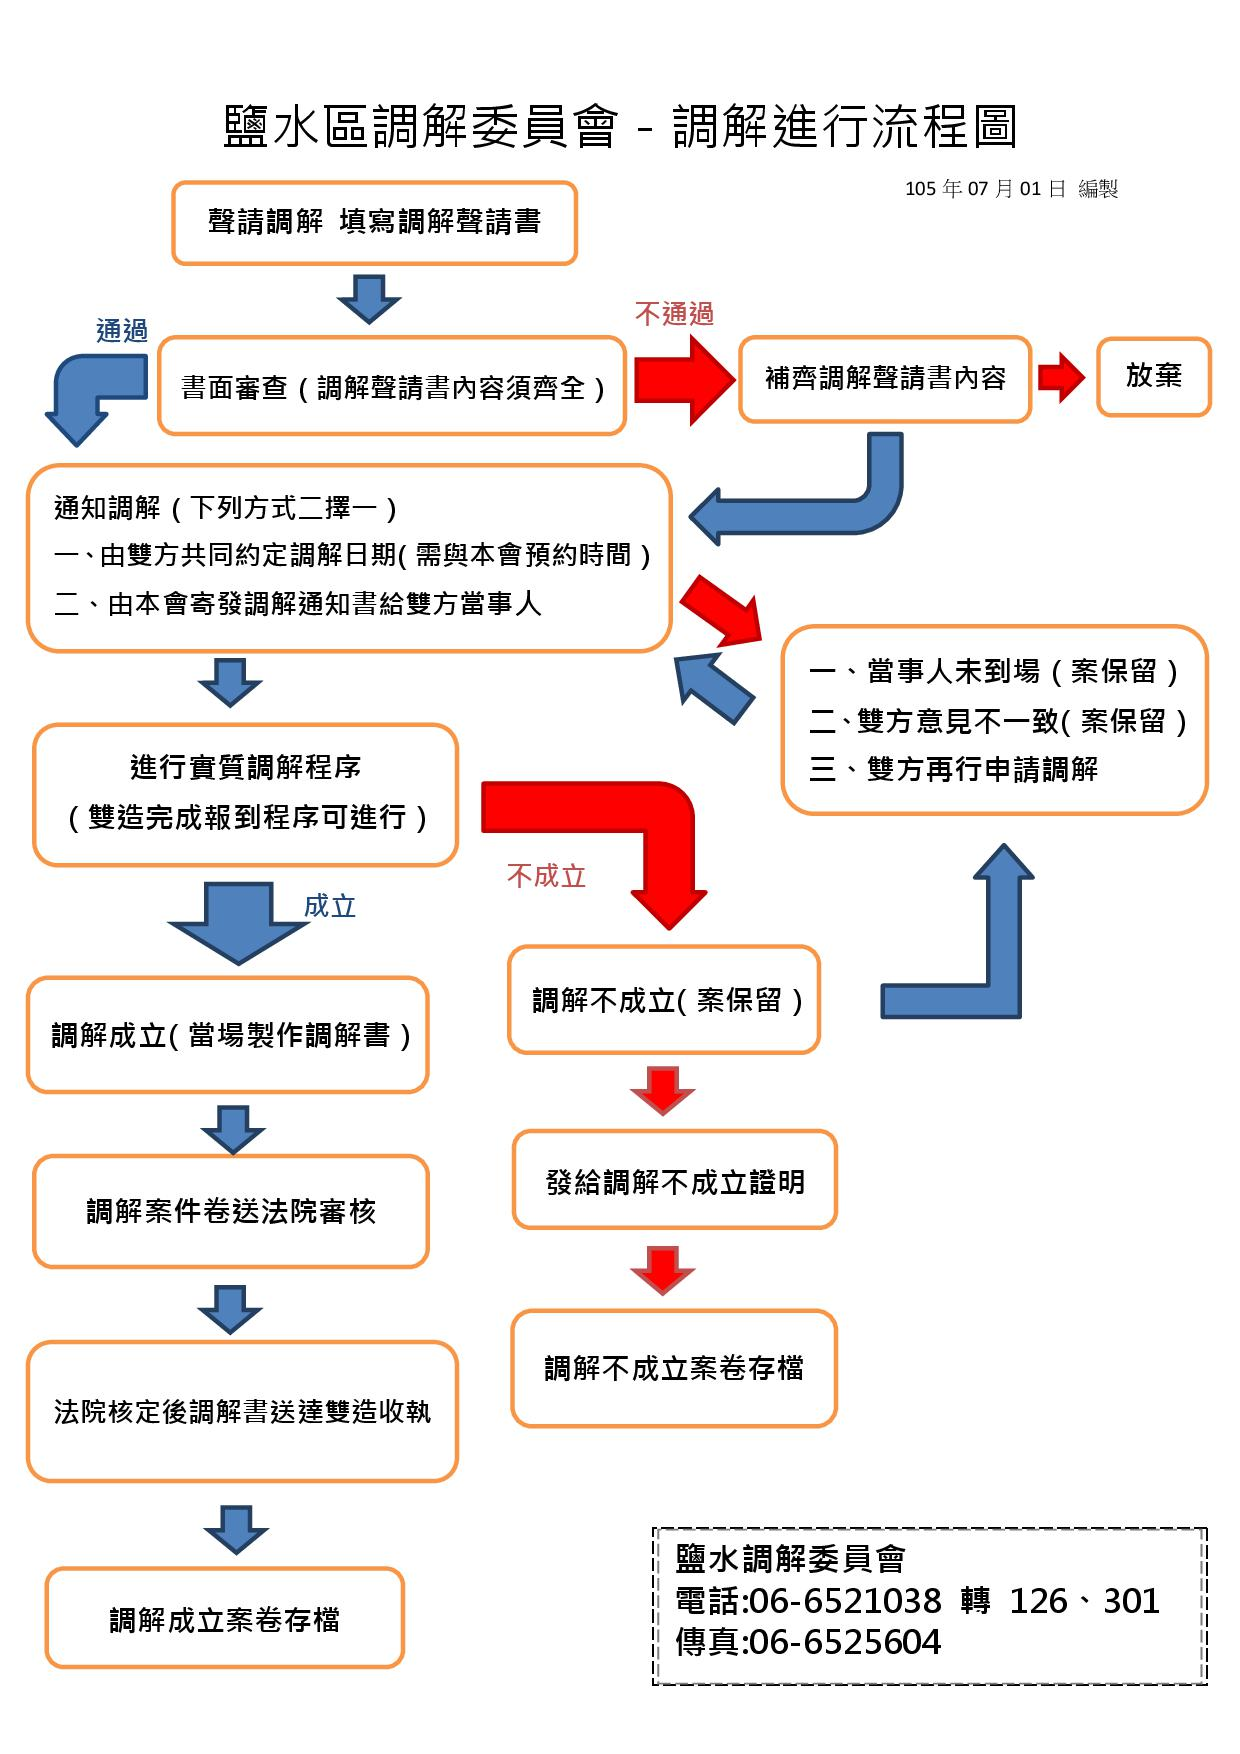 調解進行流程圖